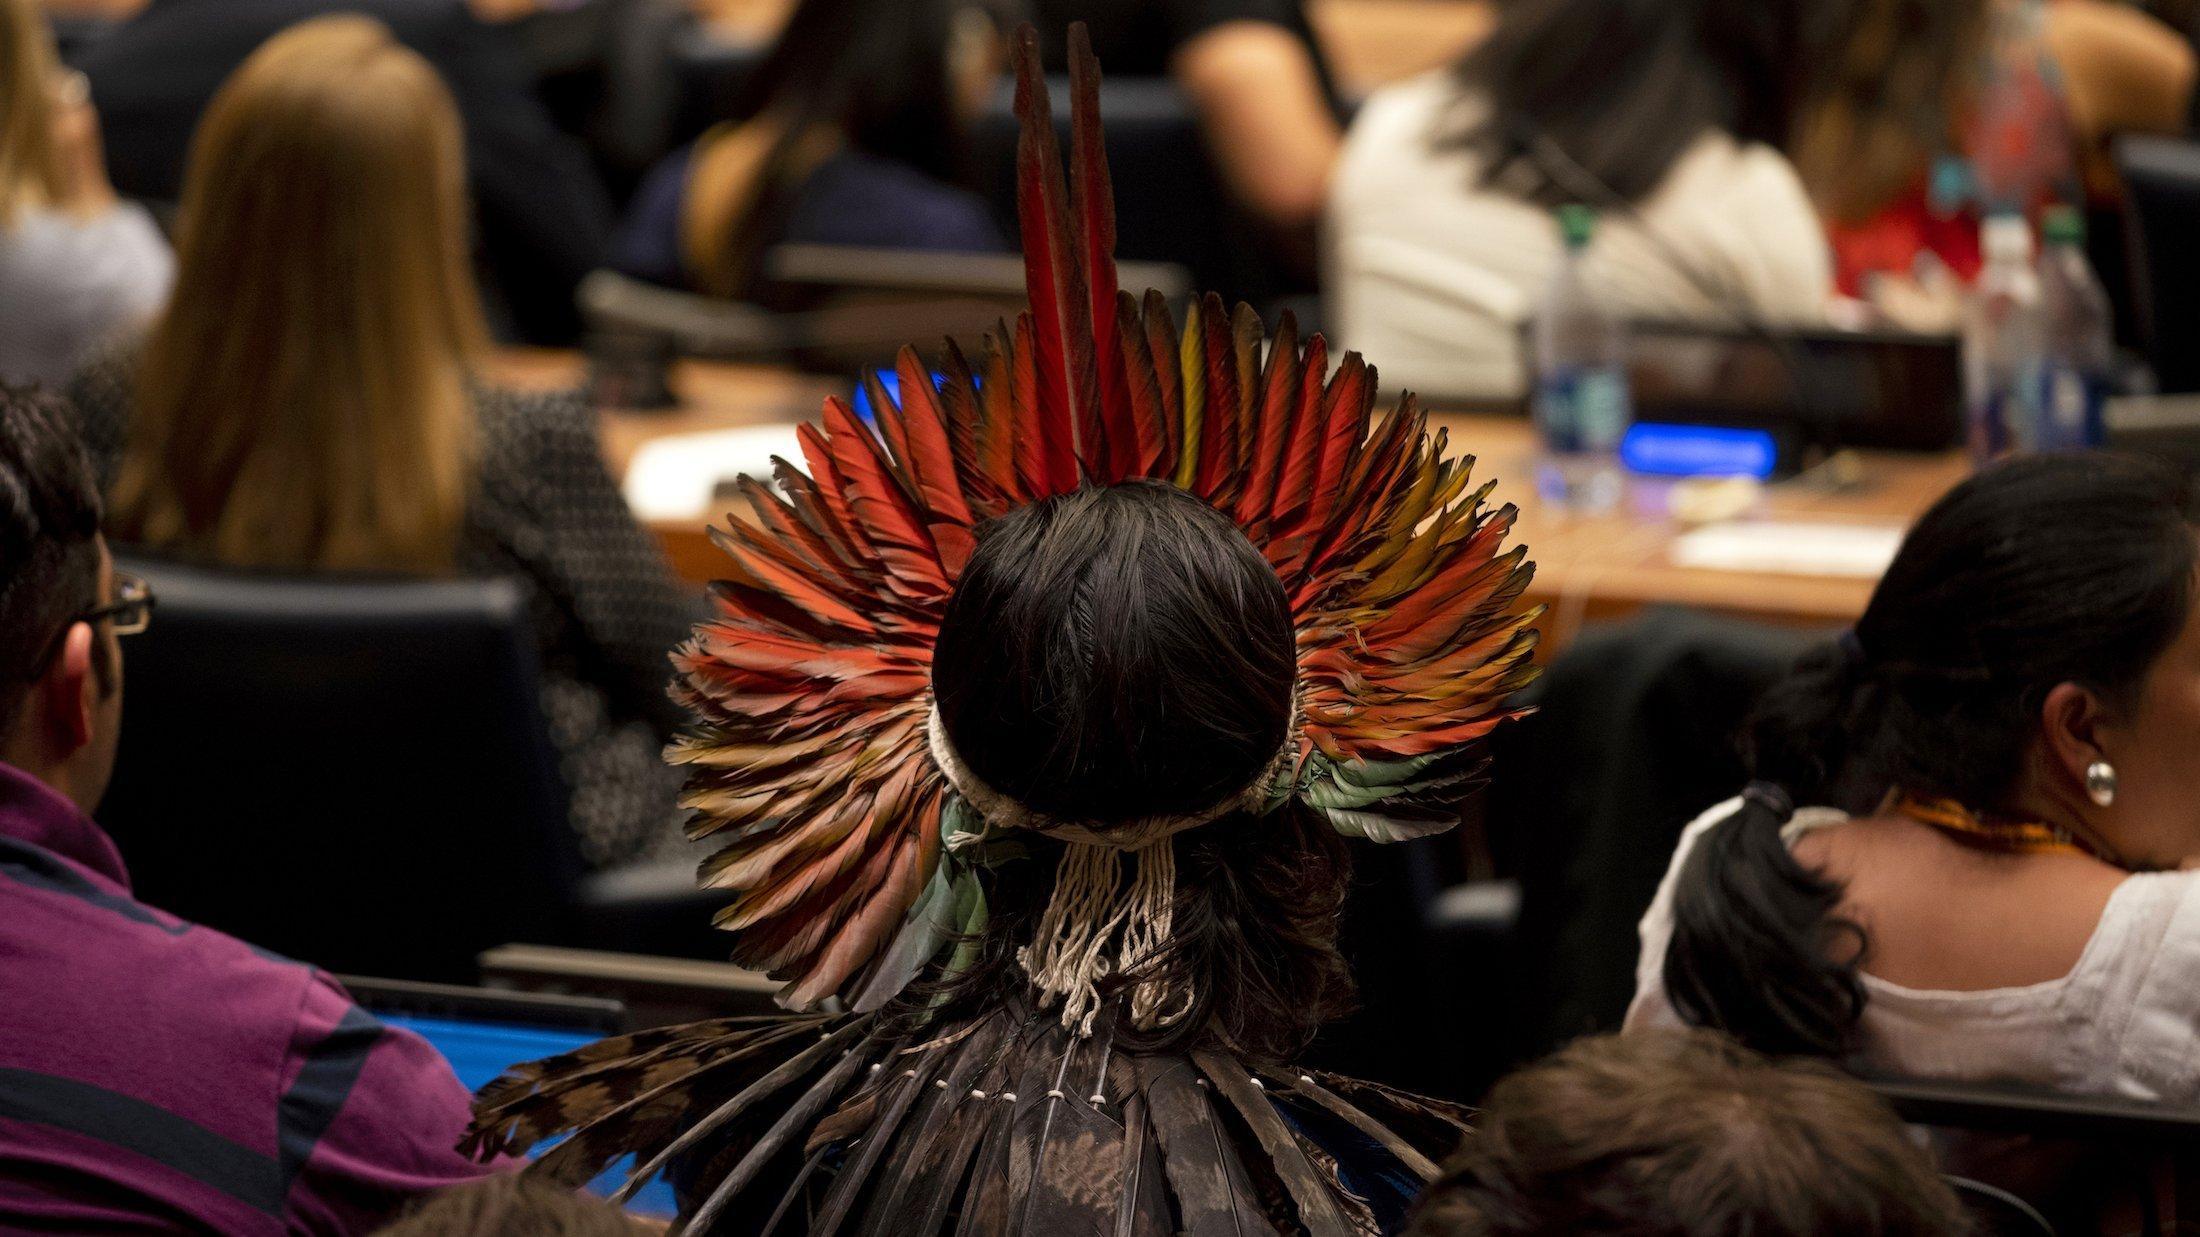 Das Foto zeigt einen Mann mit wunderschönem Federschmuck, der in einem Konferenzsaal der Vereinten Nationen sitzt, von hinten.